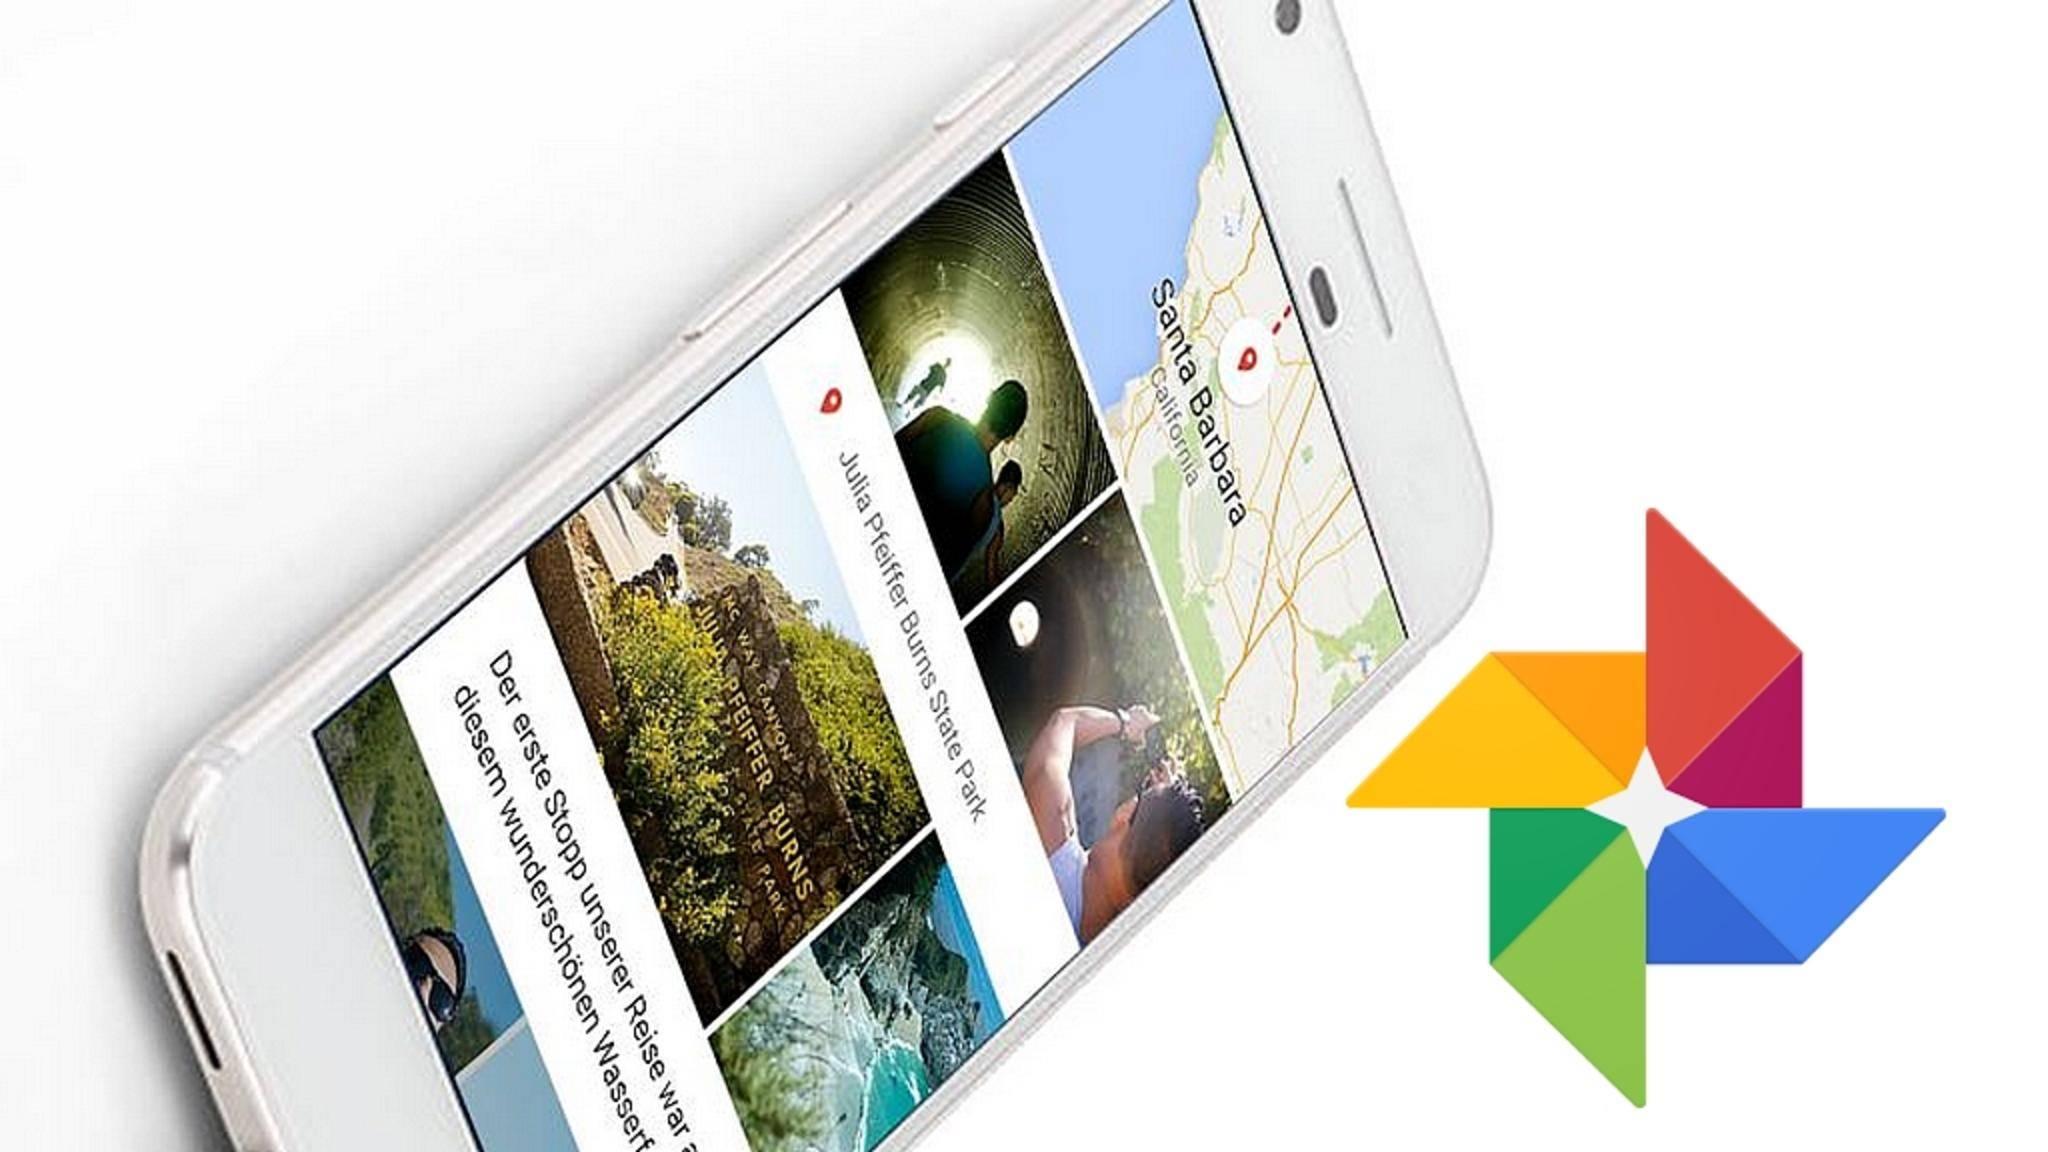 Google Fotos ist ein kostenloser Cloudspeicher für unbegrenzt viele Fotos.